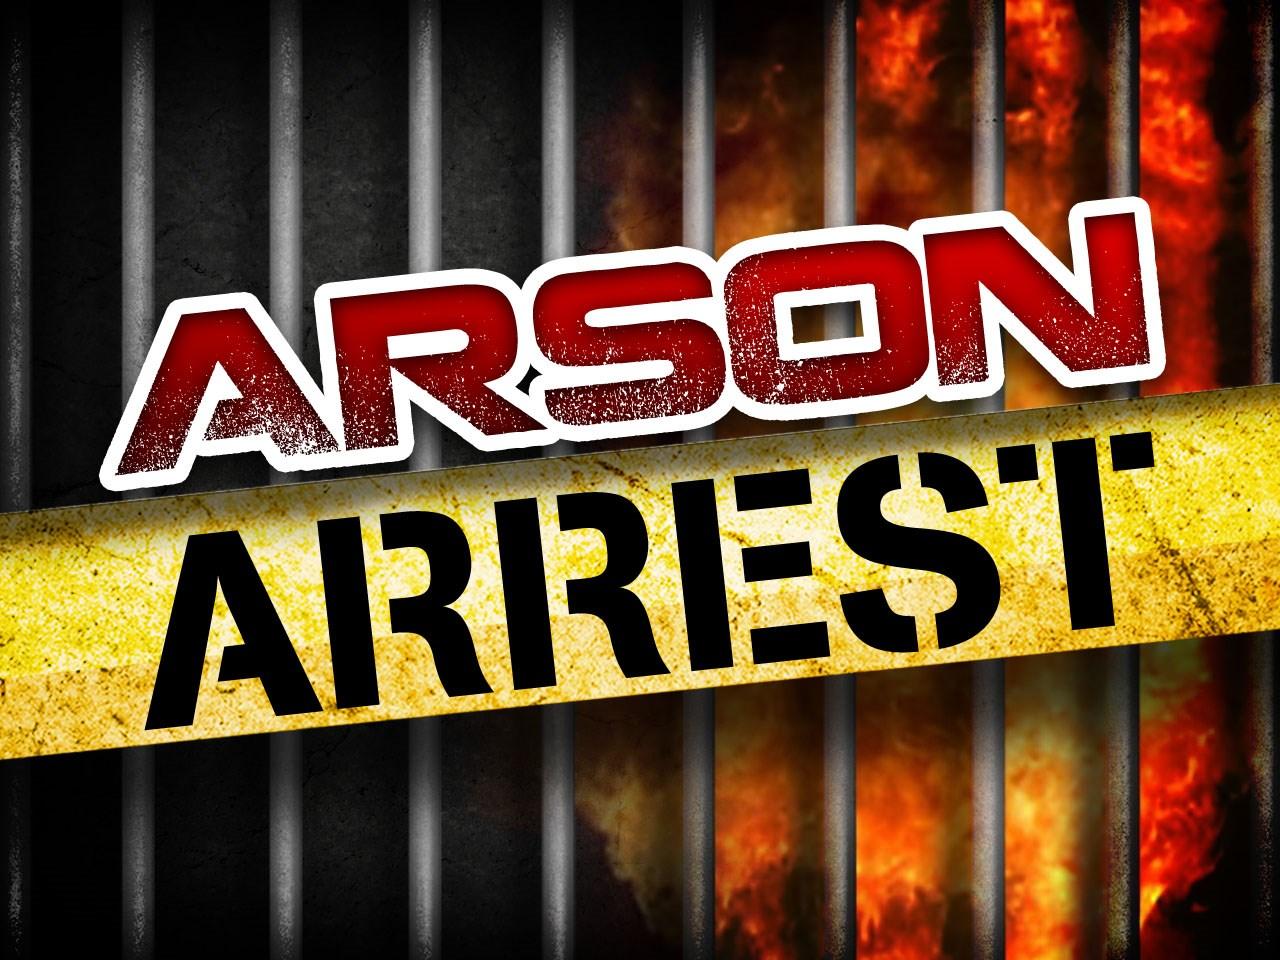 Arson arrest_1549580261974.jpg.jpg